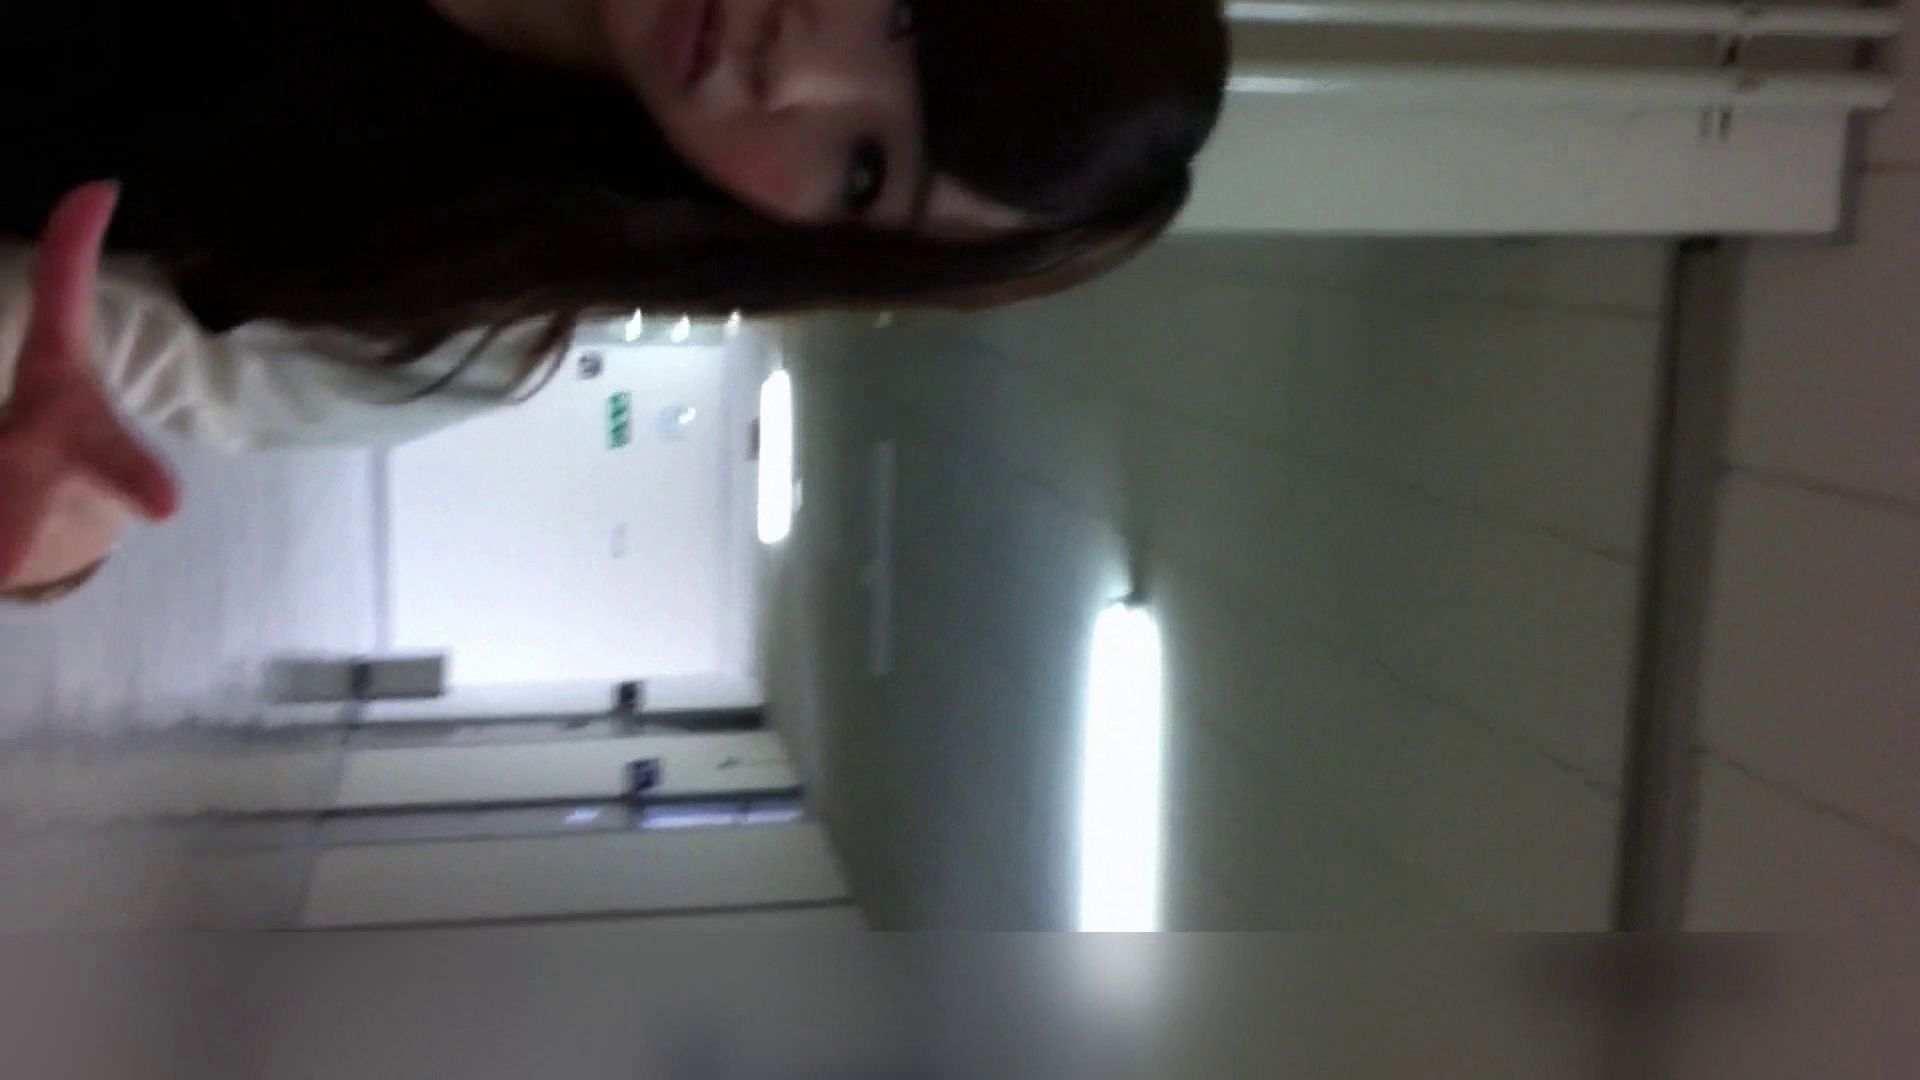 お姉さんの恥便所盗撮! Vol.24 美女エロ画像 オメコ無修正動画無料 97PICs 63